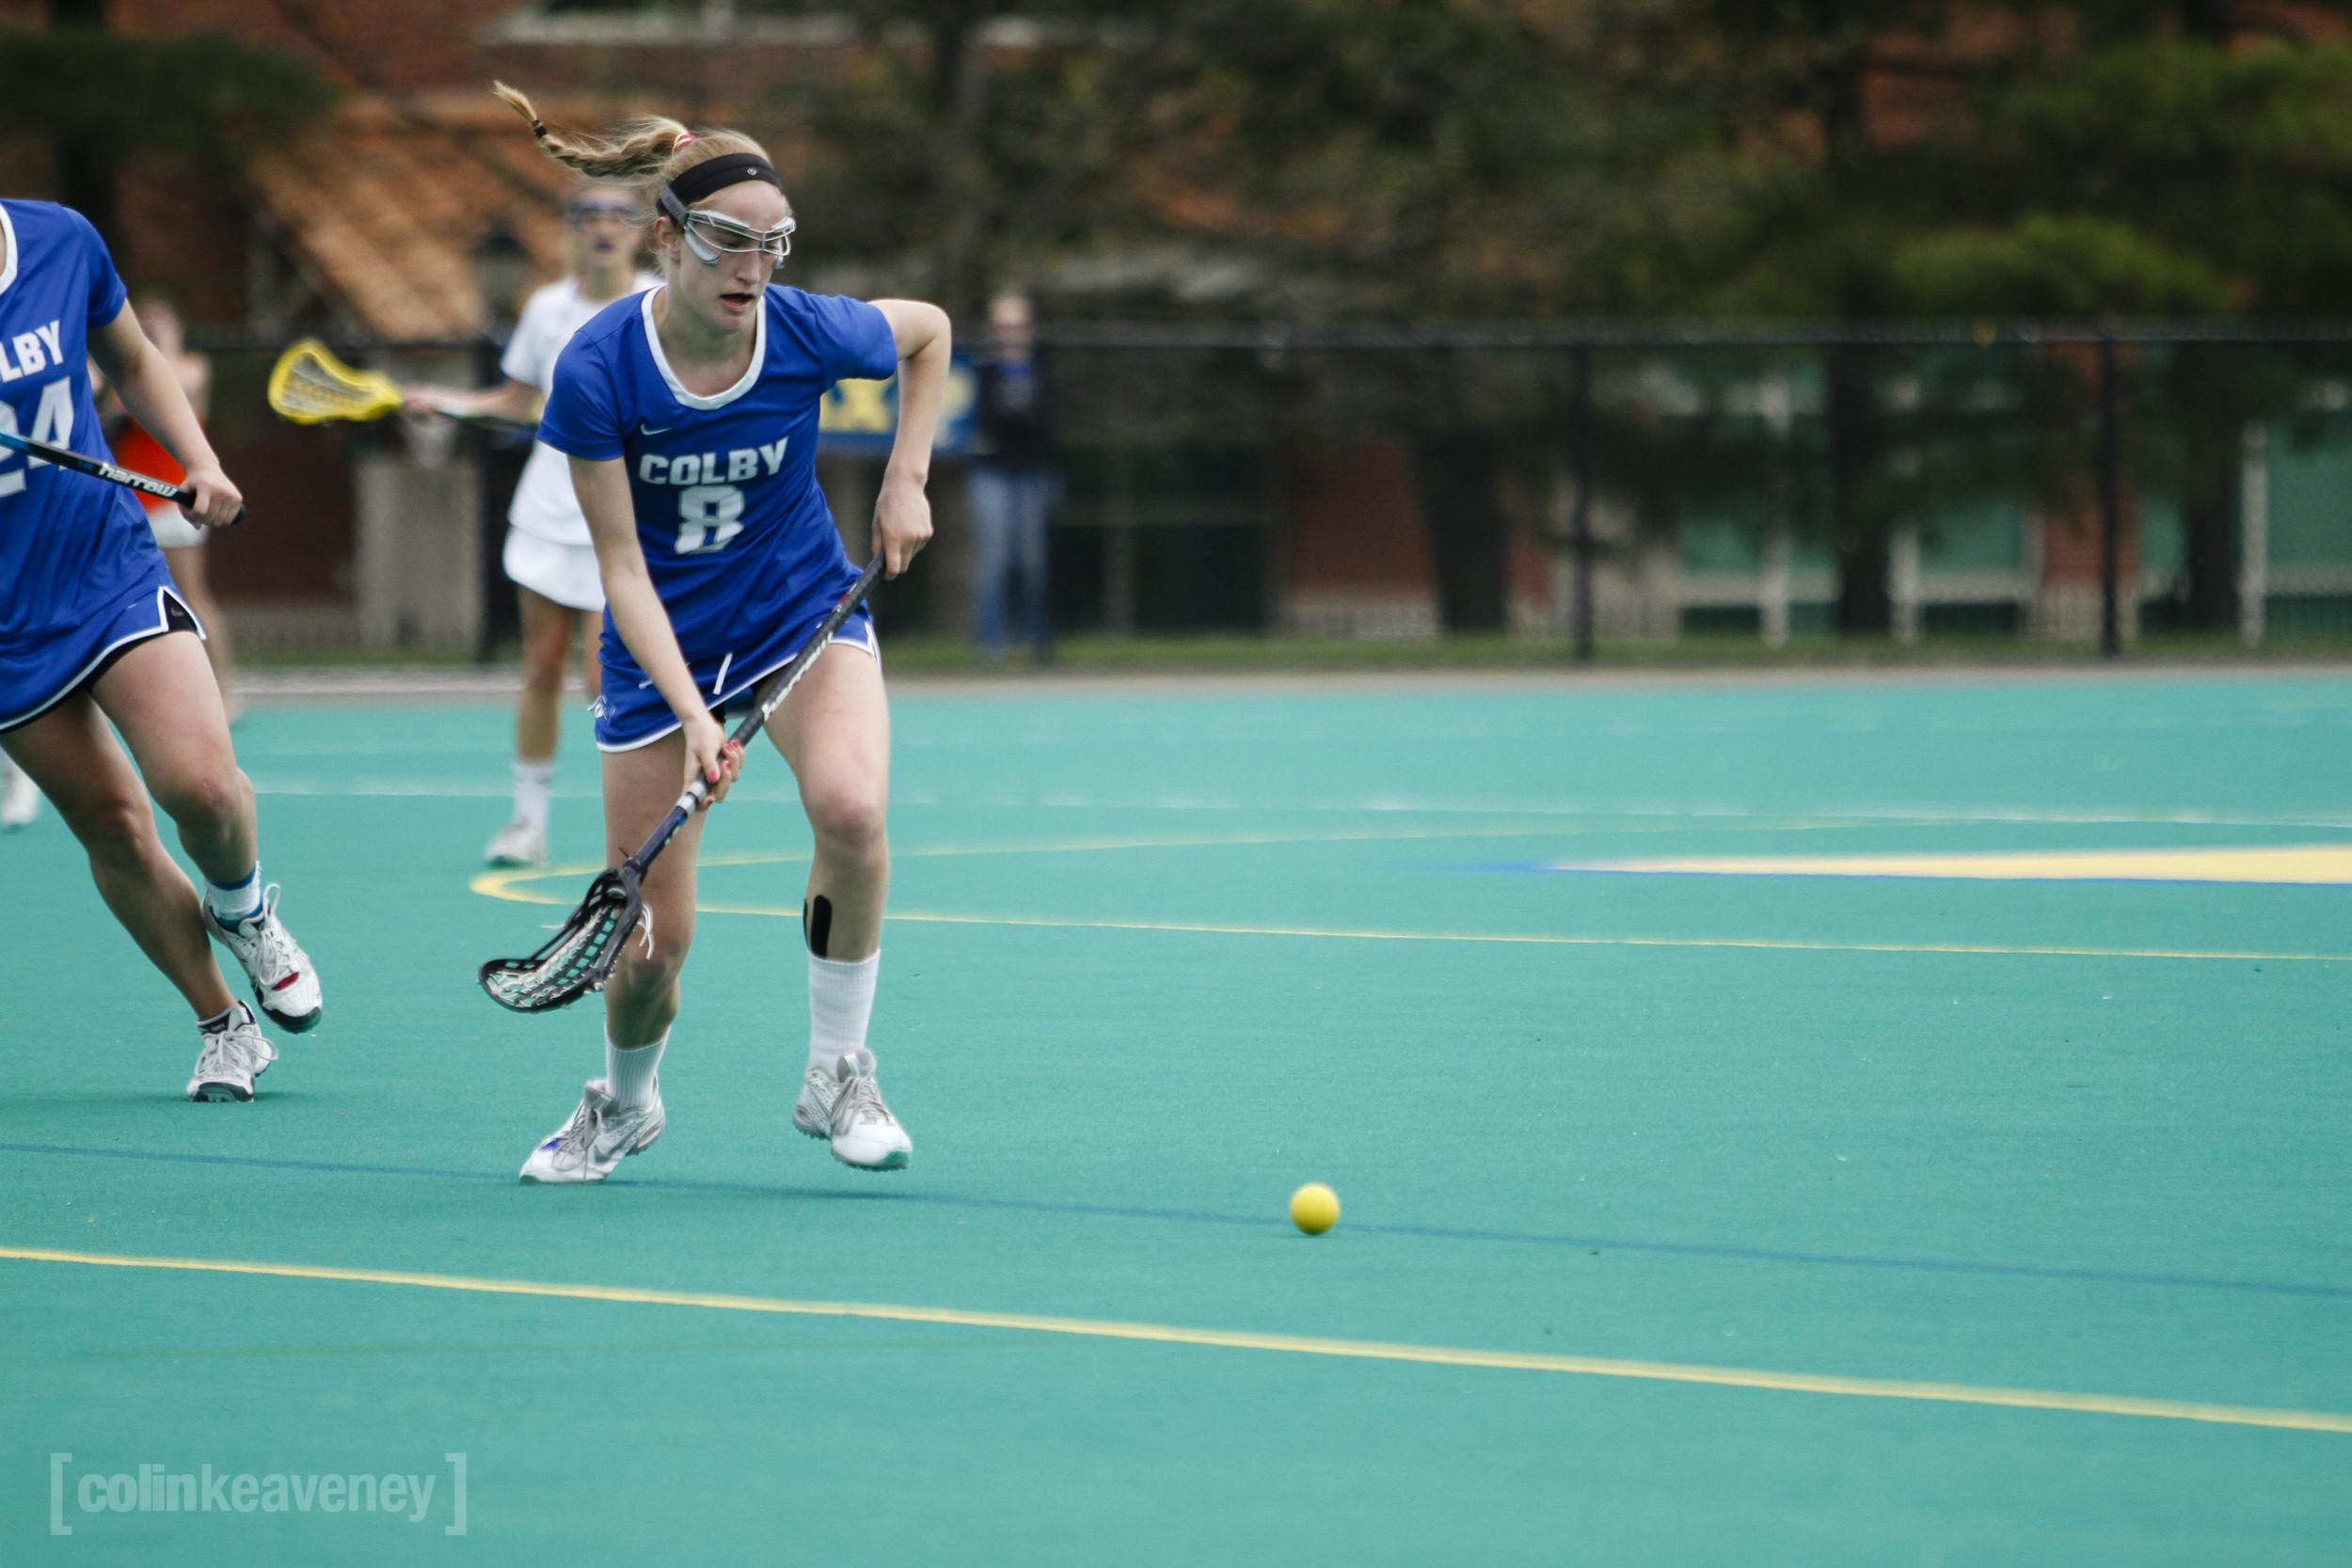 COLBY_lacrosse-94.jpg